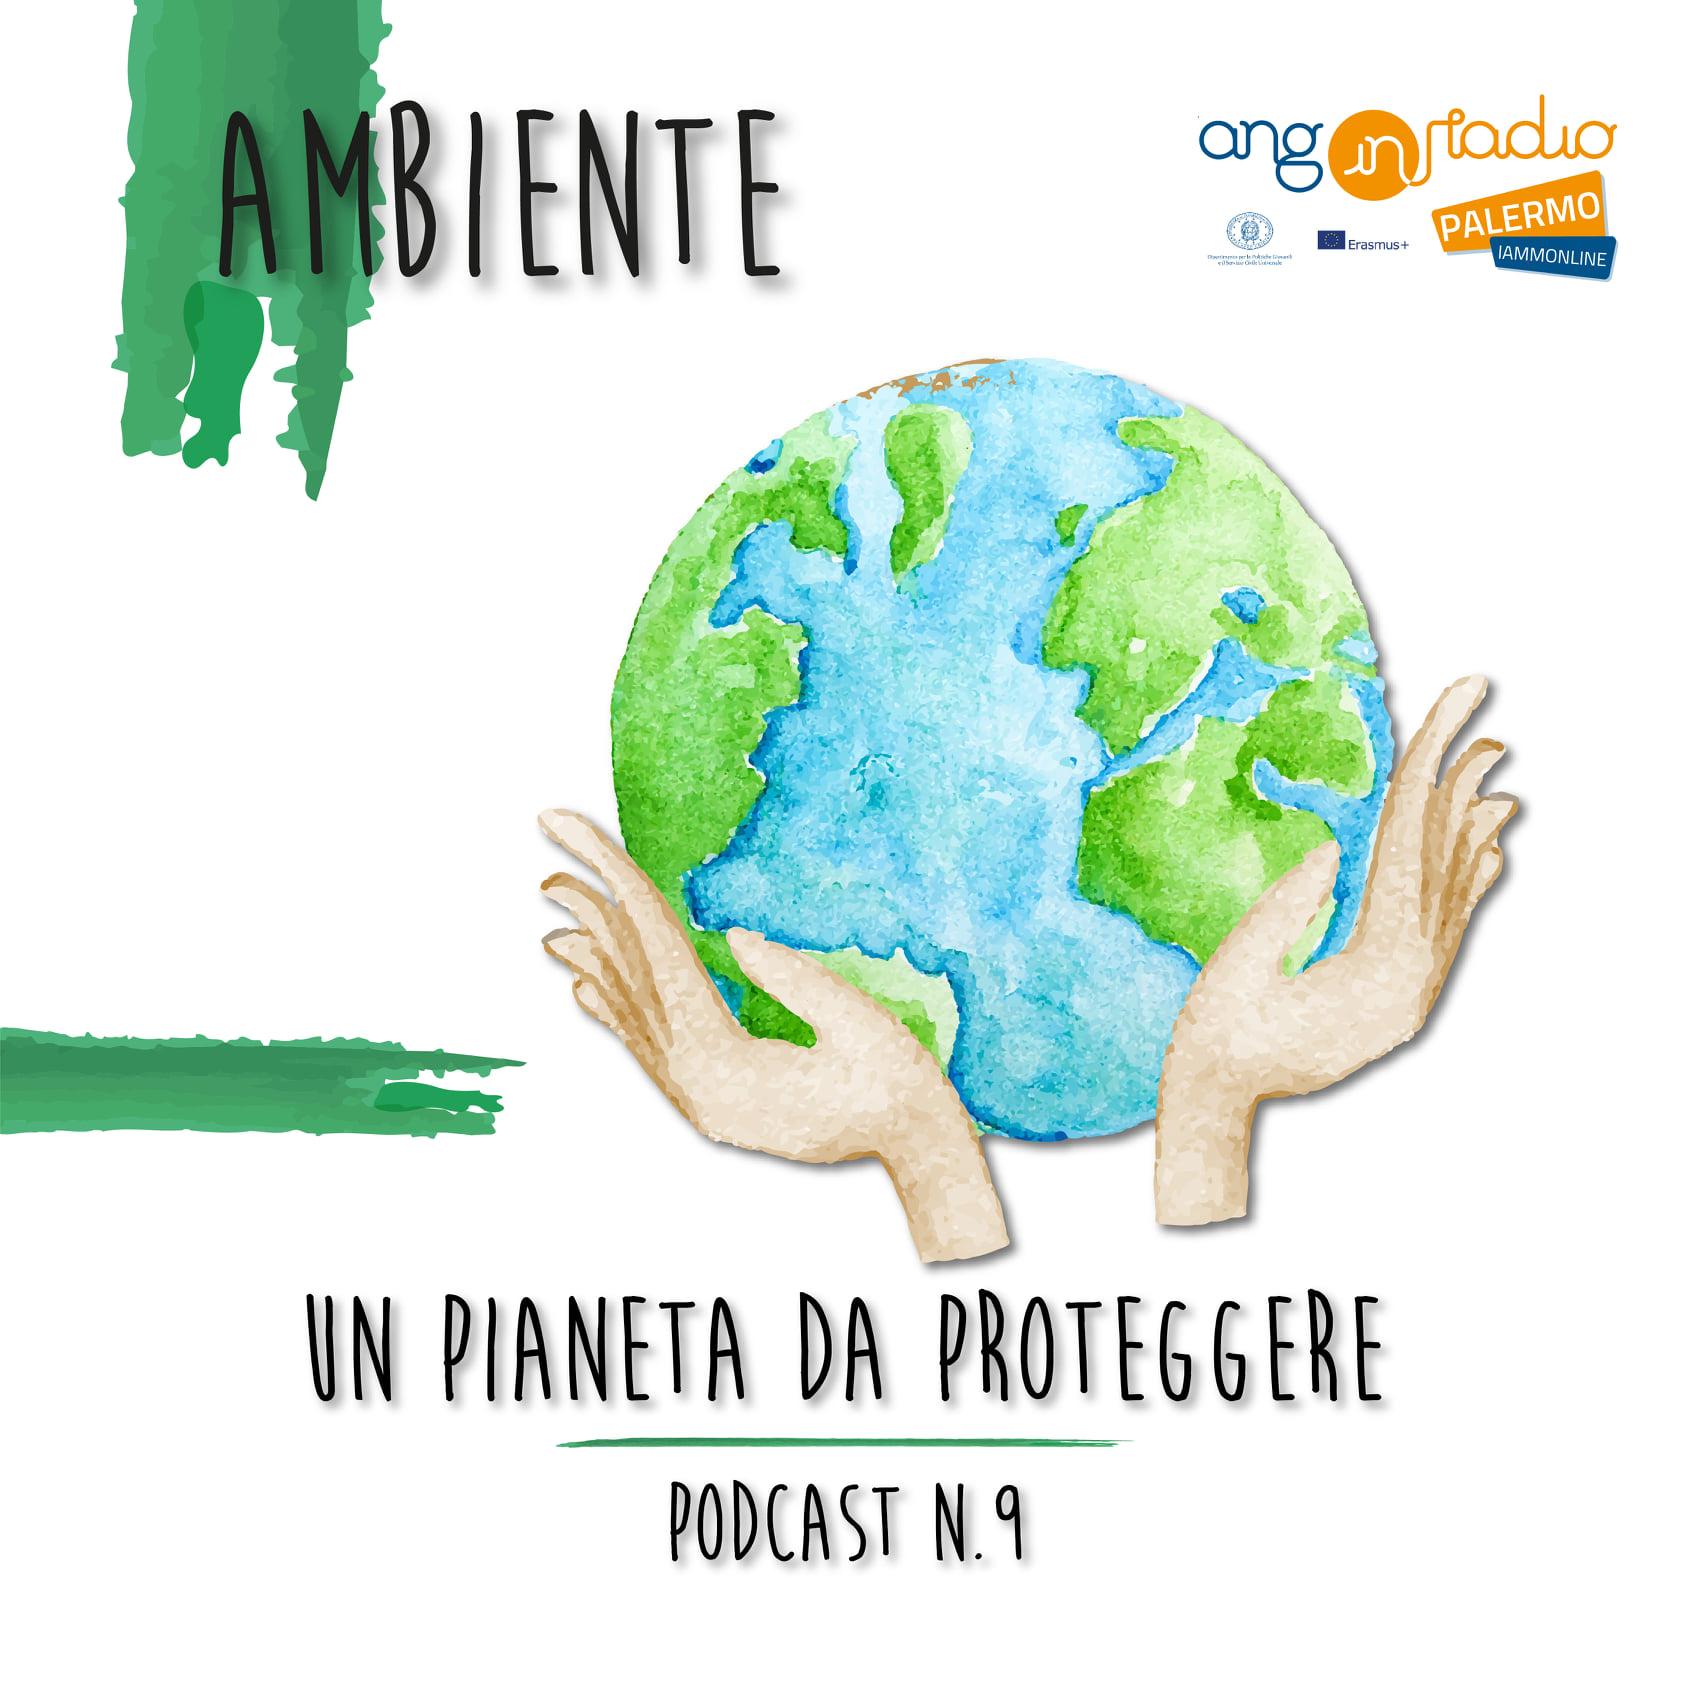 Podcast 9: Legambiente Con Vanessa Rosano